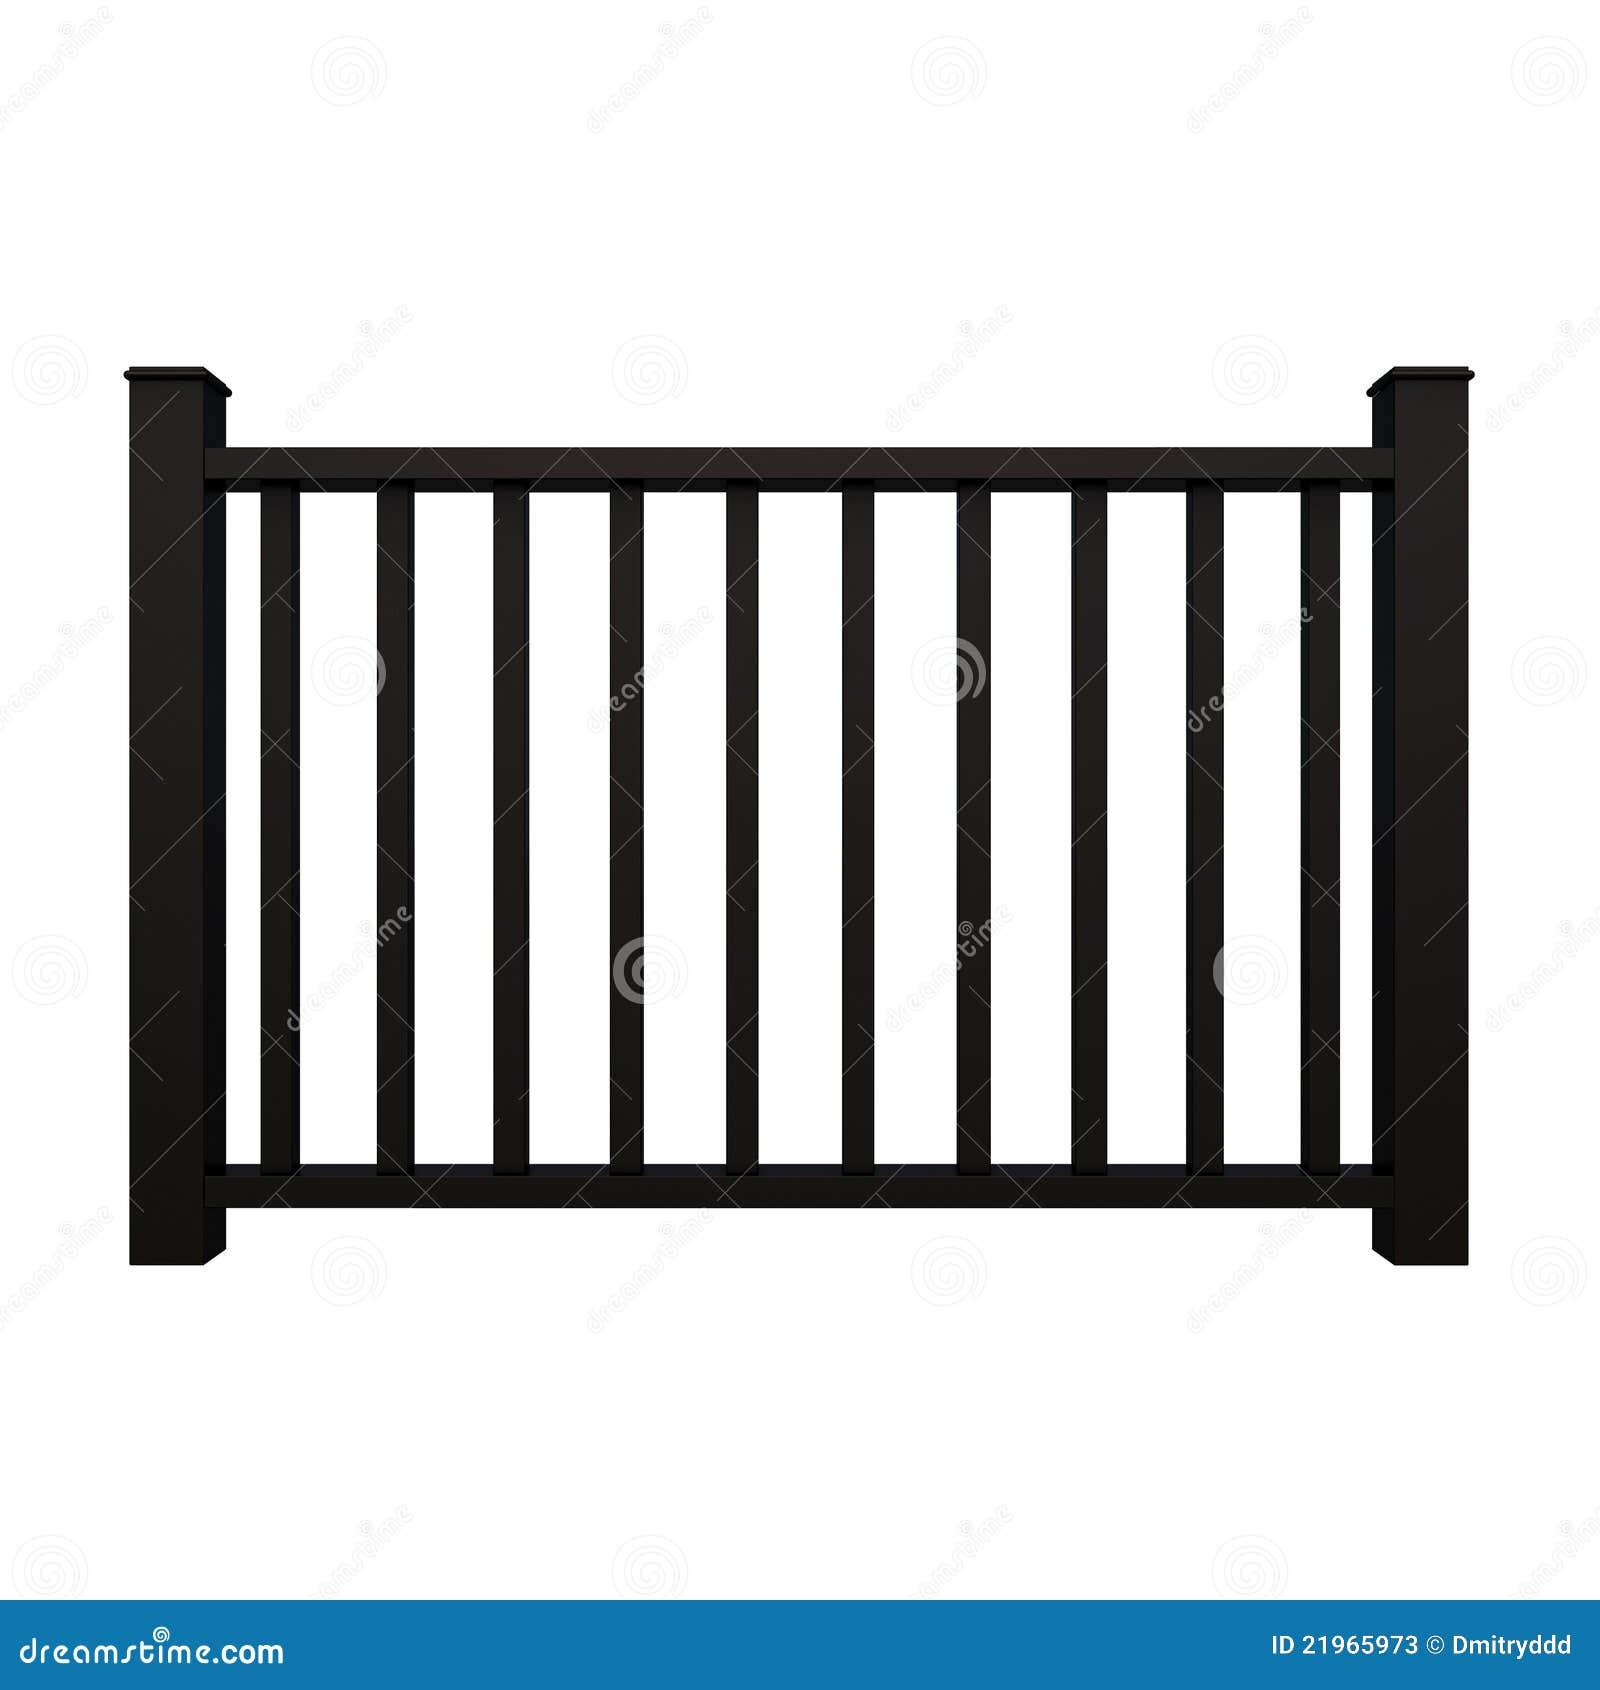 黑色金属栏杆 库存例证 图片 包括有 磨碎 栏杆 金属 投反对票 设计 网关 住宅 孤立